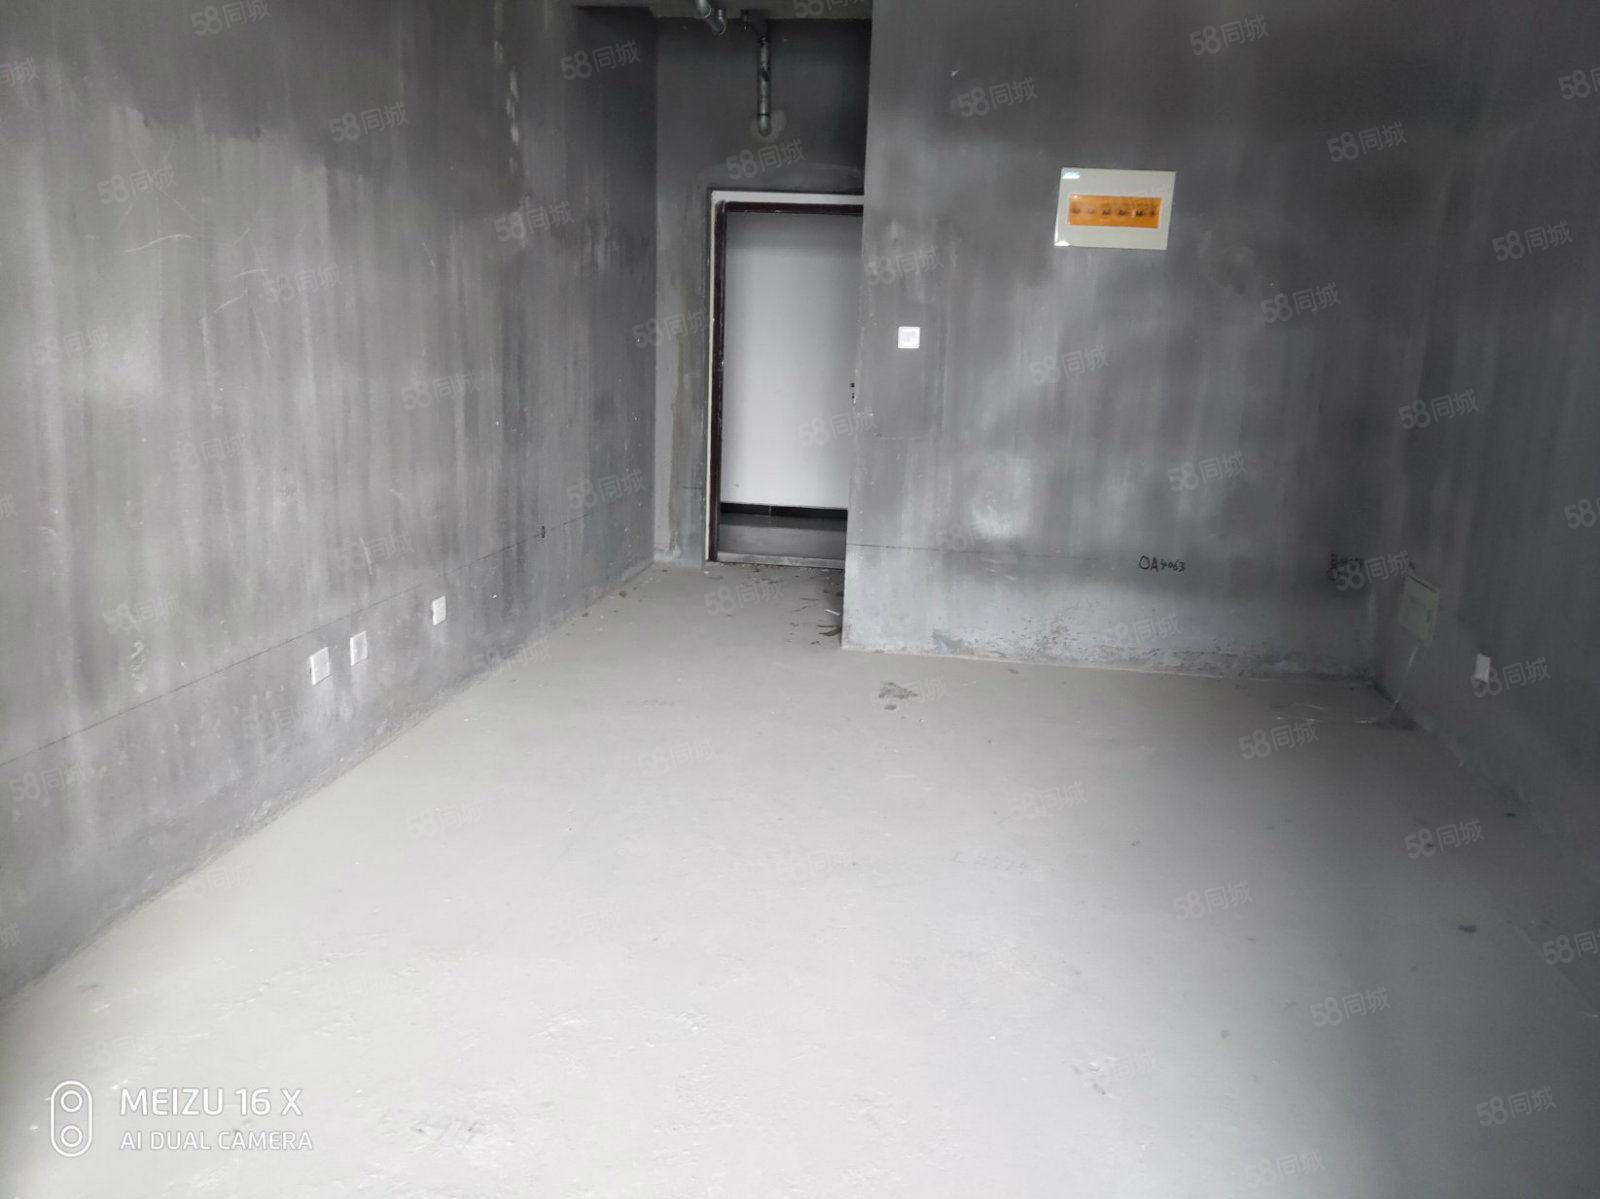 跳楼价格林绿色港湾毛坯一室户型方正中间楼层